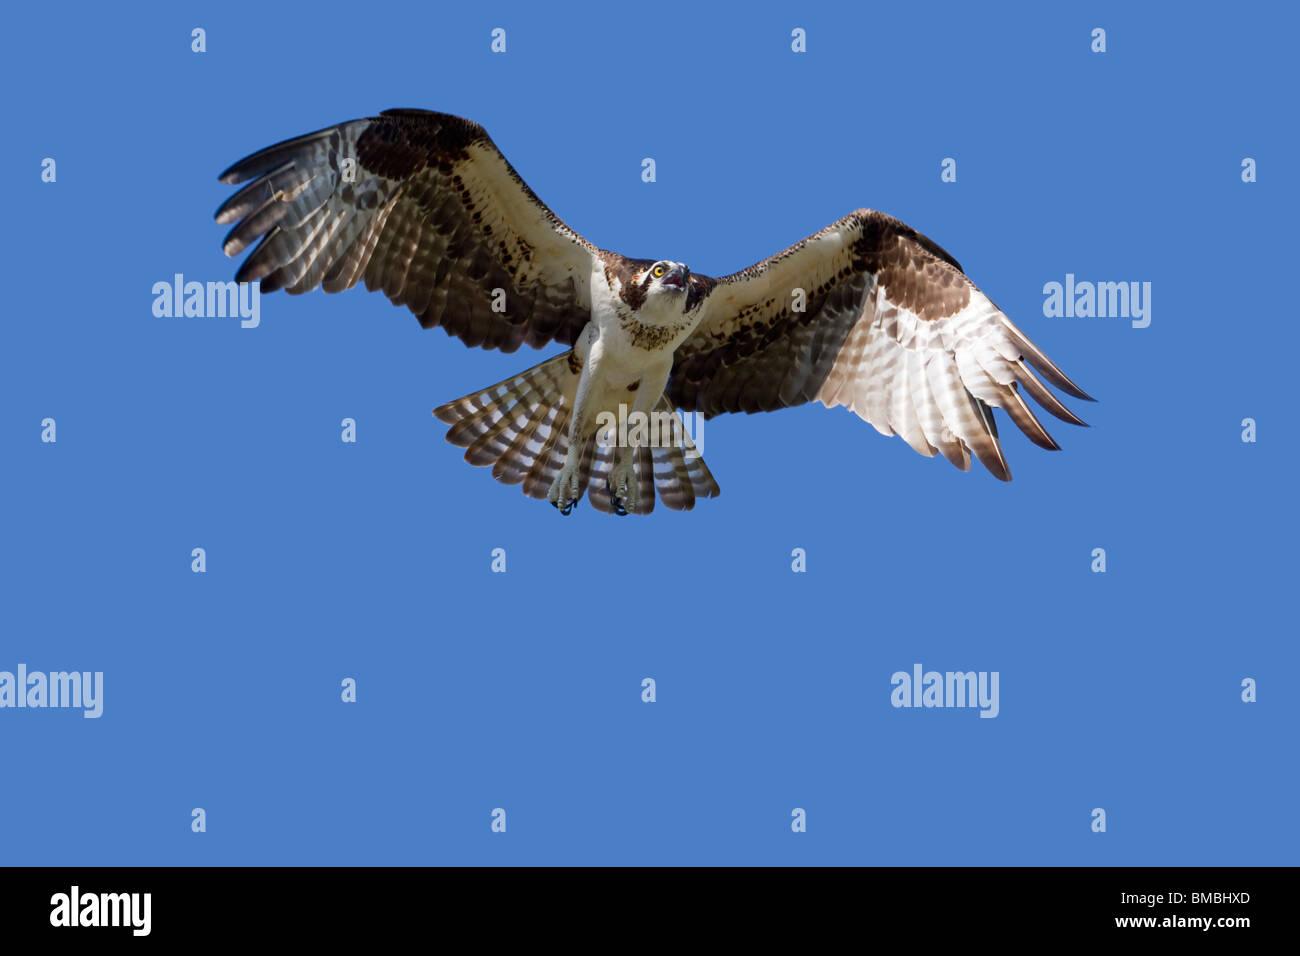 Osprey (Pandion haliaetus) flying. - Stock Image